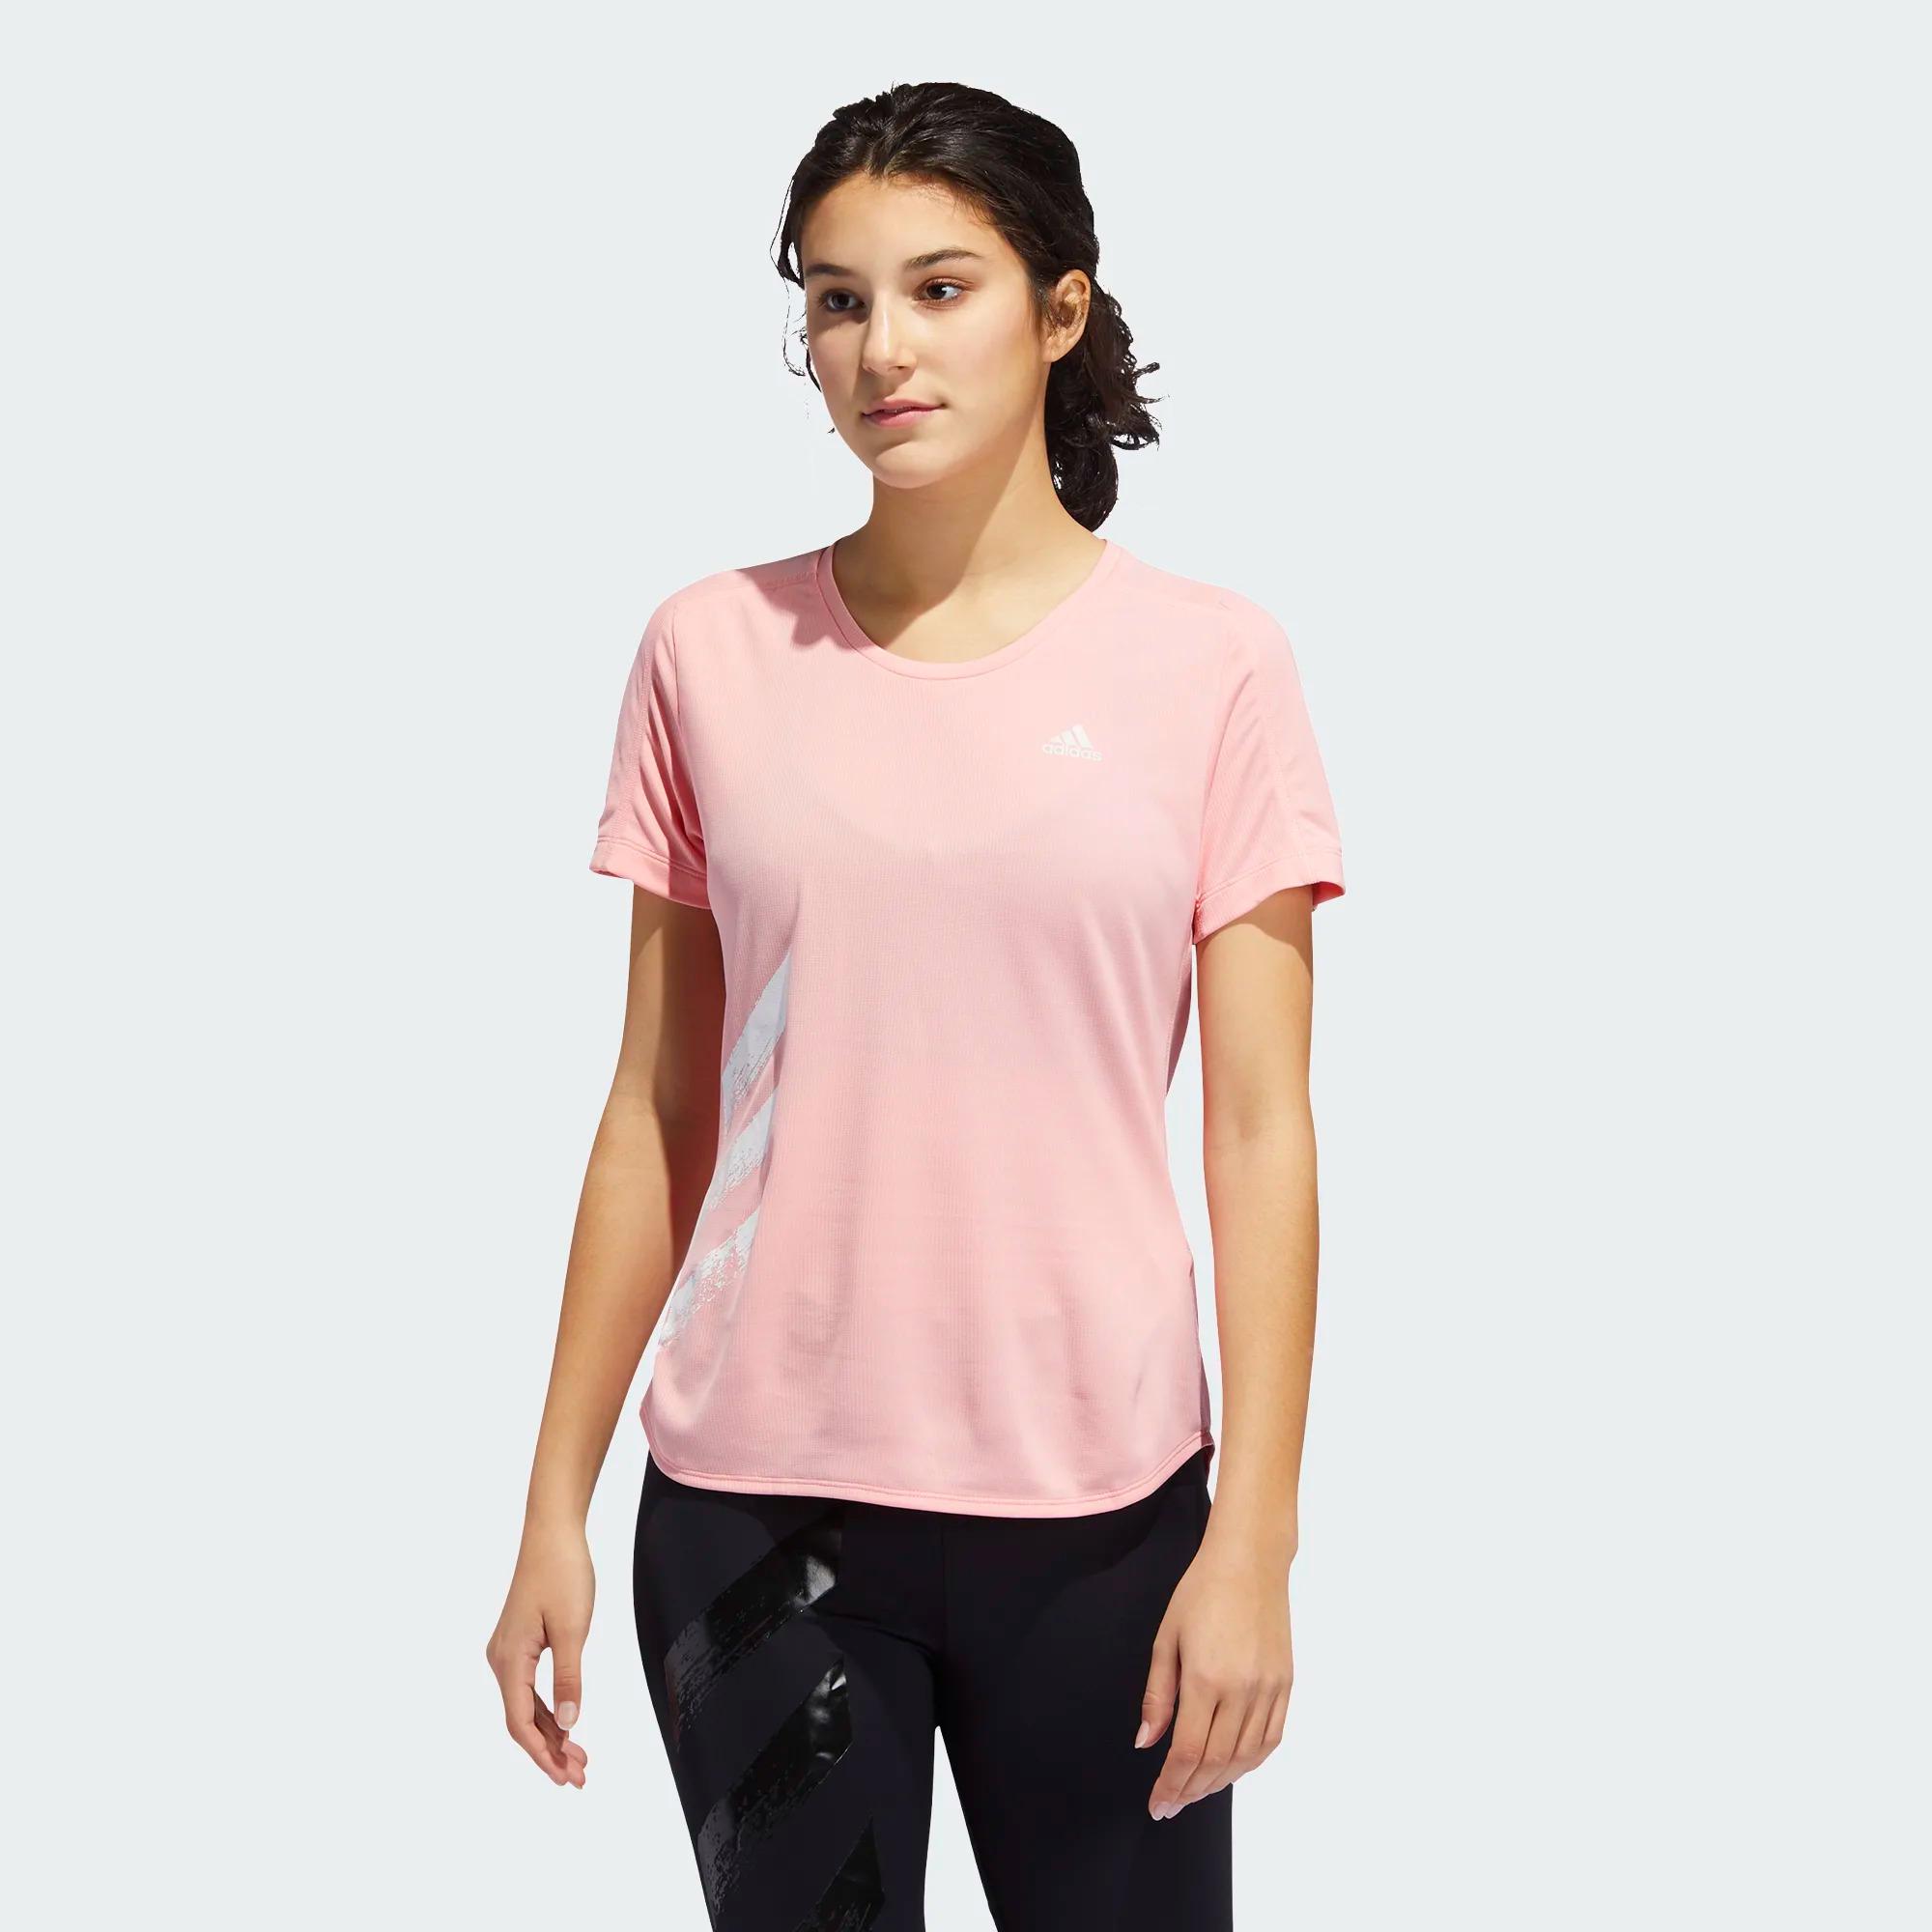 """Adidas """"RUN IT"""" 3-Streifen Laufshirt für Damen"""